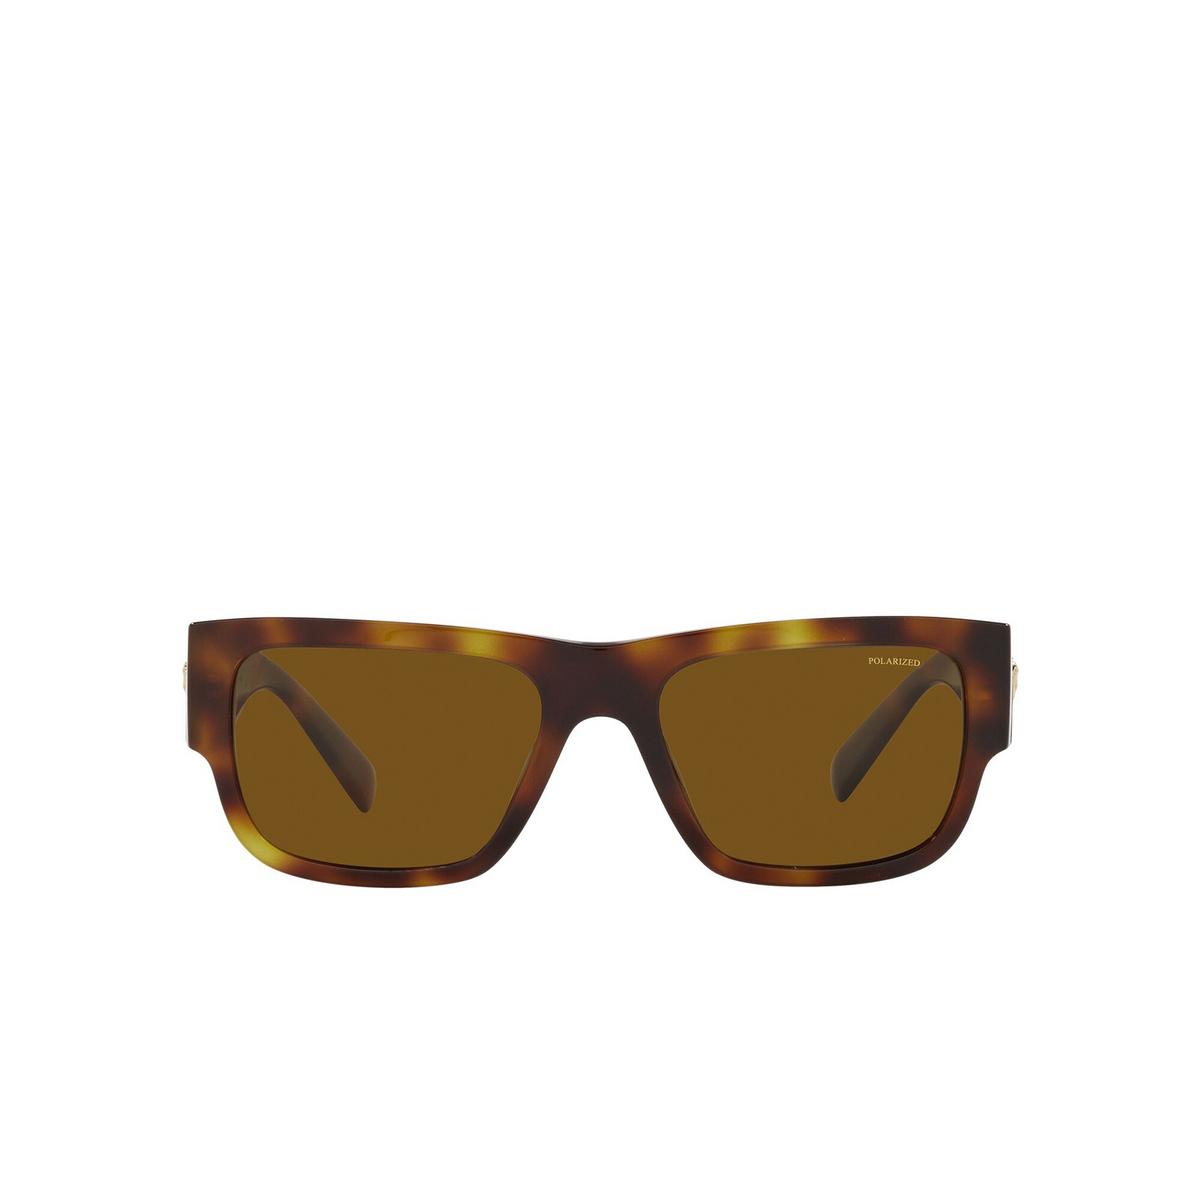 Versace® Rectangle Sunglasses: VE4406 color Havana 521783 - front view.